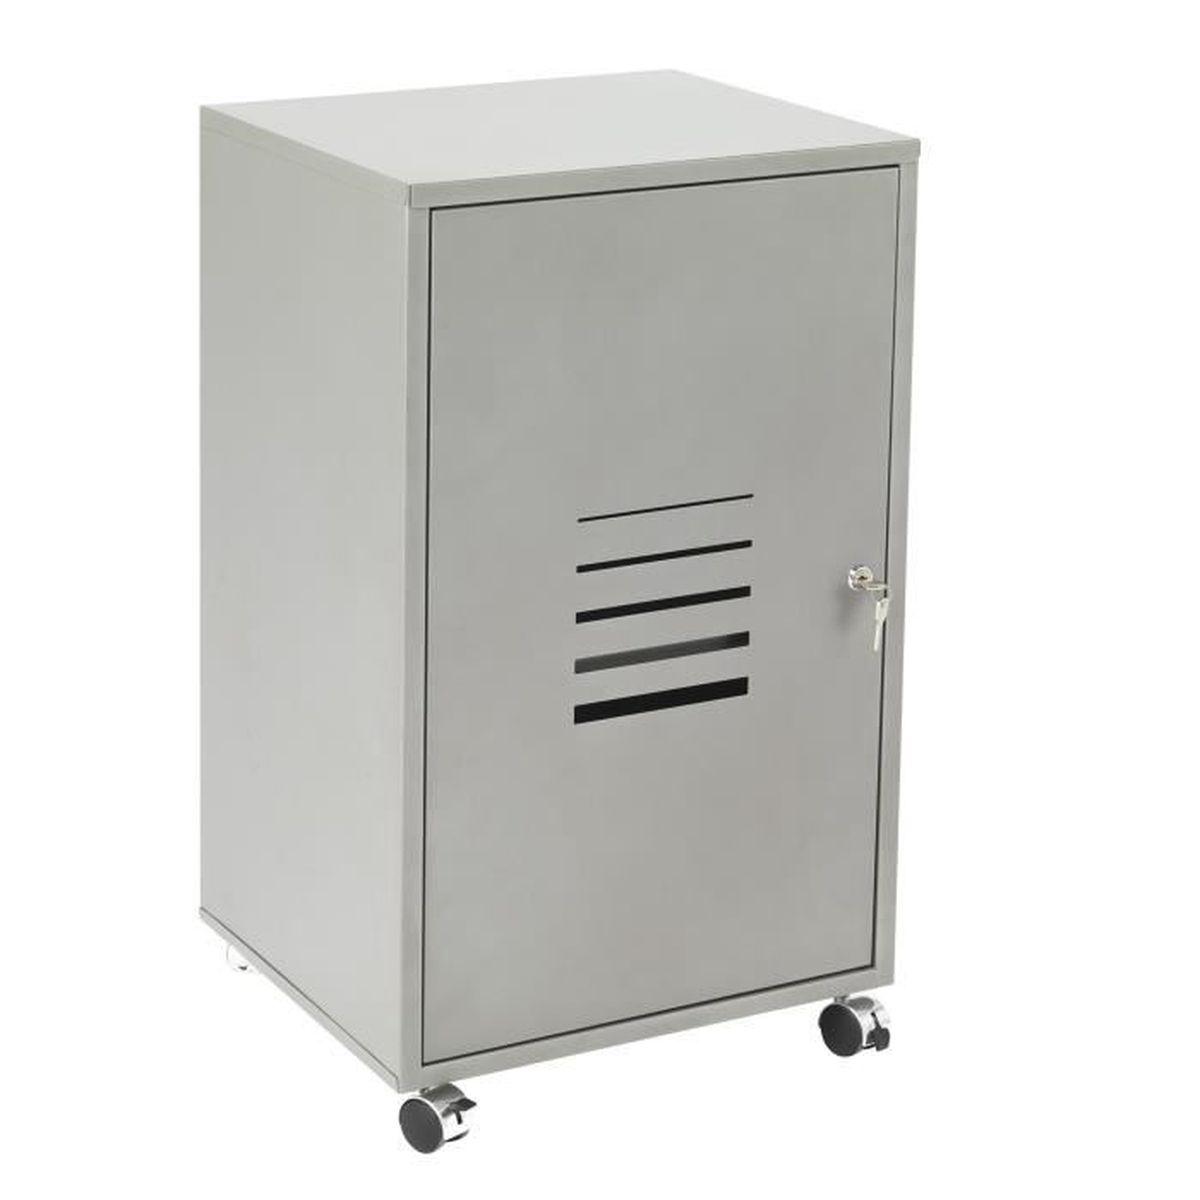 poppy caisson roulettes en acier gris achat vente caisson de bureau poppy caisson. Black Bedroom Furniture Sets. Home Design Ideas